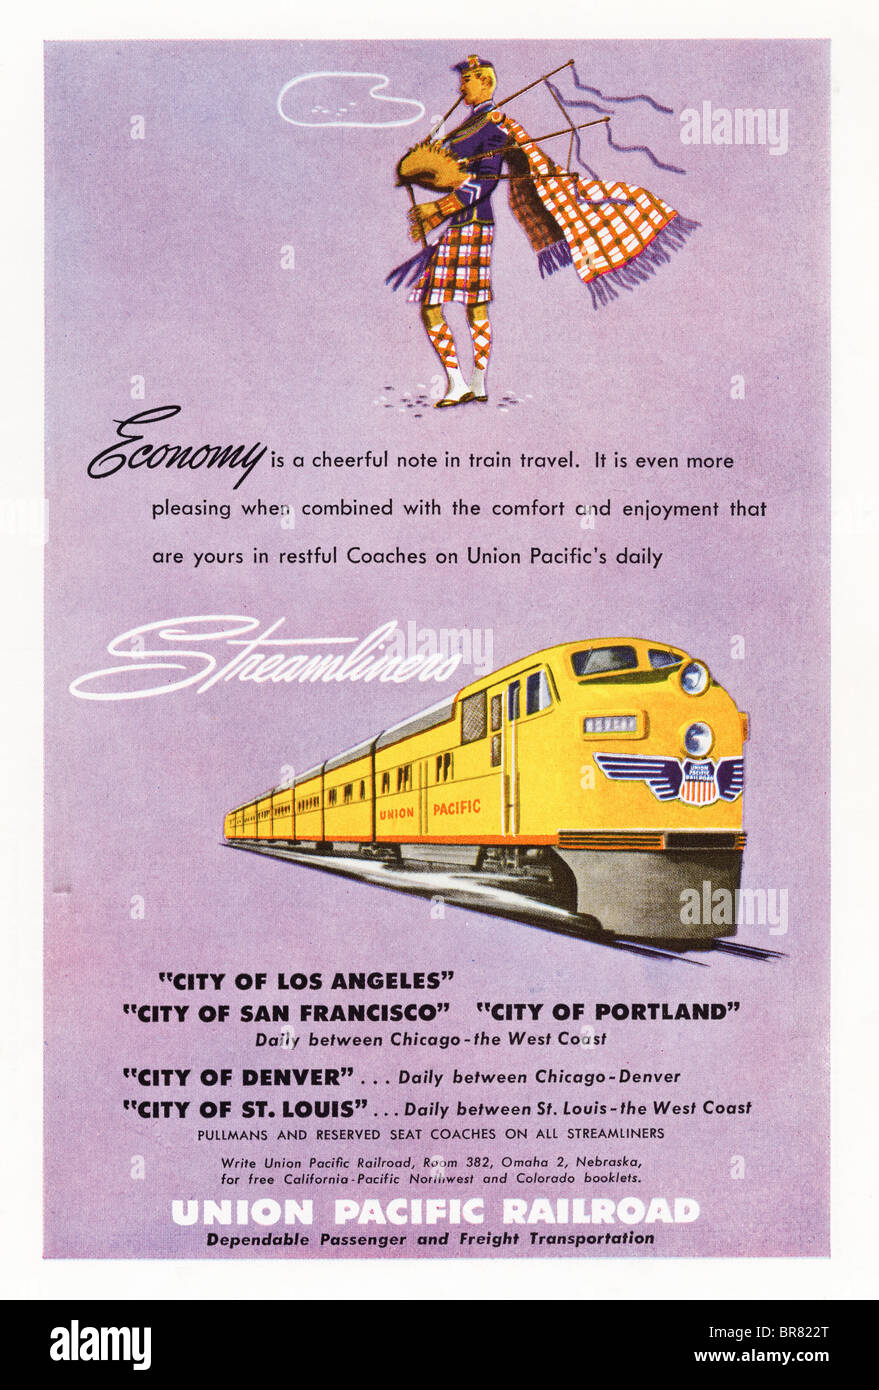 American magazine color advert for Union Pacific Railroad circa 1950 - Stock Image